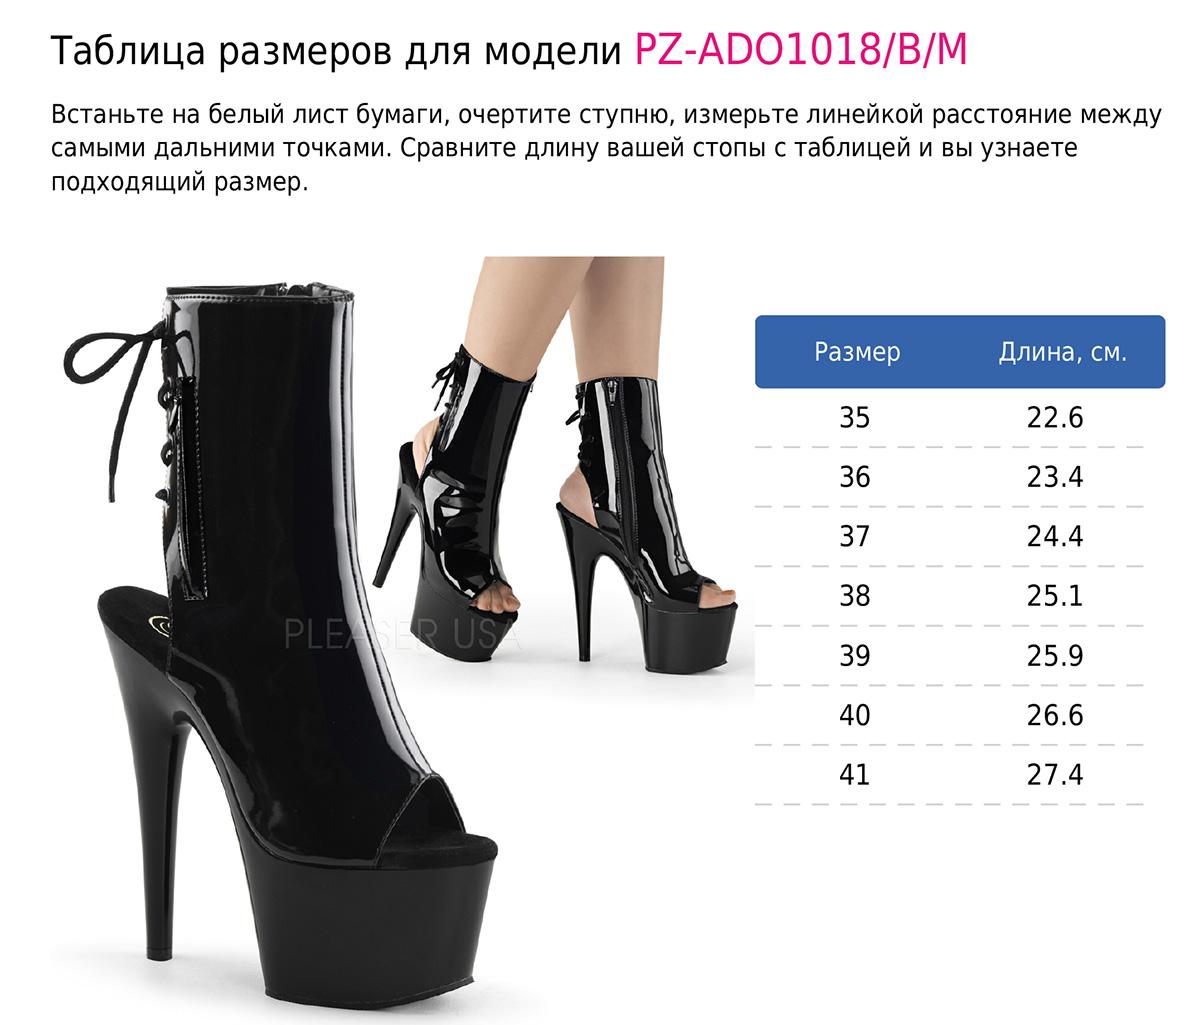 f98311151 Стрипы Pleaser ADO1018/B/M (под заказ из США) – купить в Казани в ...